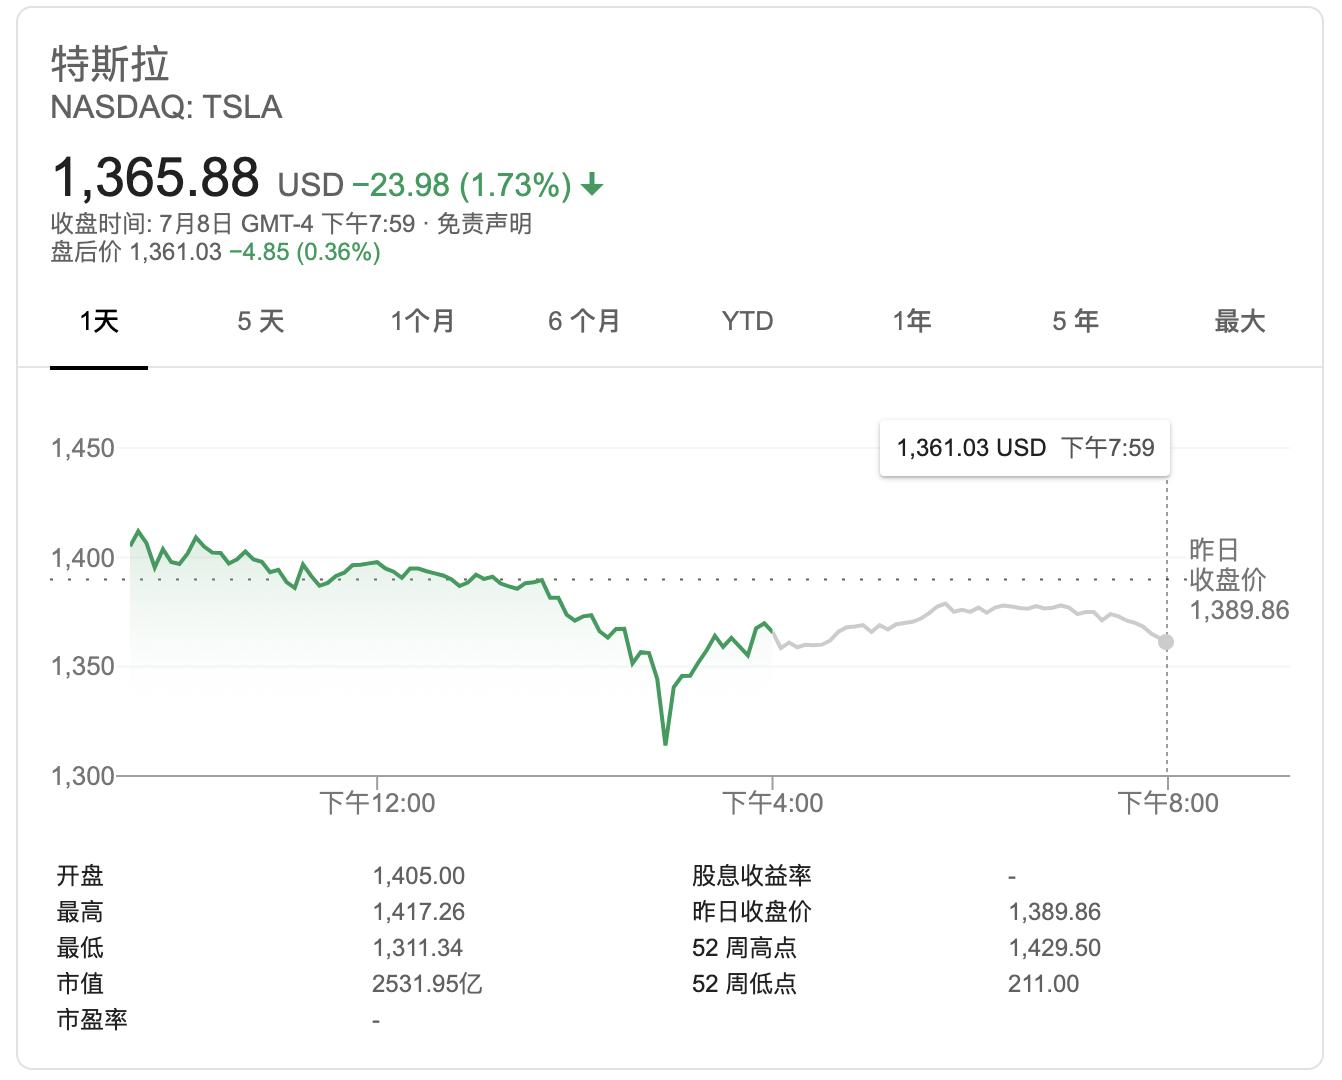 特斯拉股价疯涨 马斯克有望解锁18亿美元期权奖励